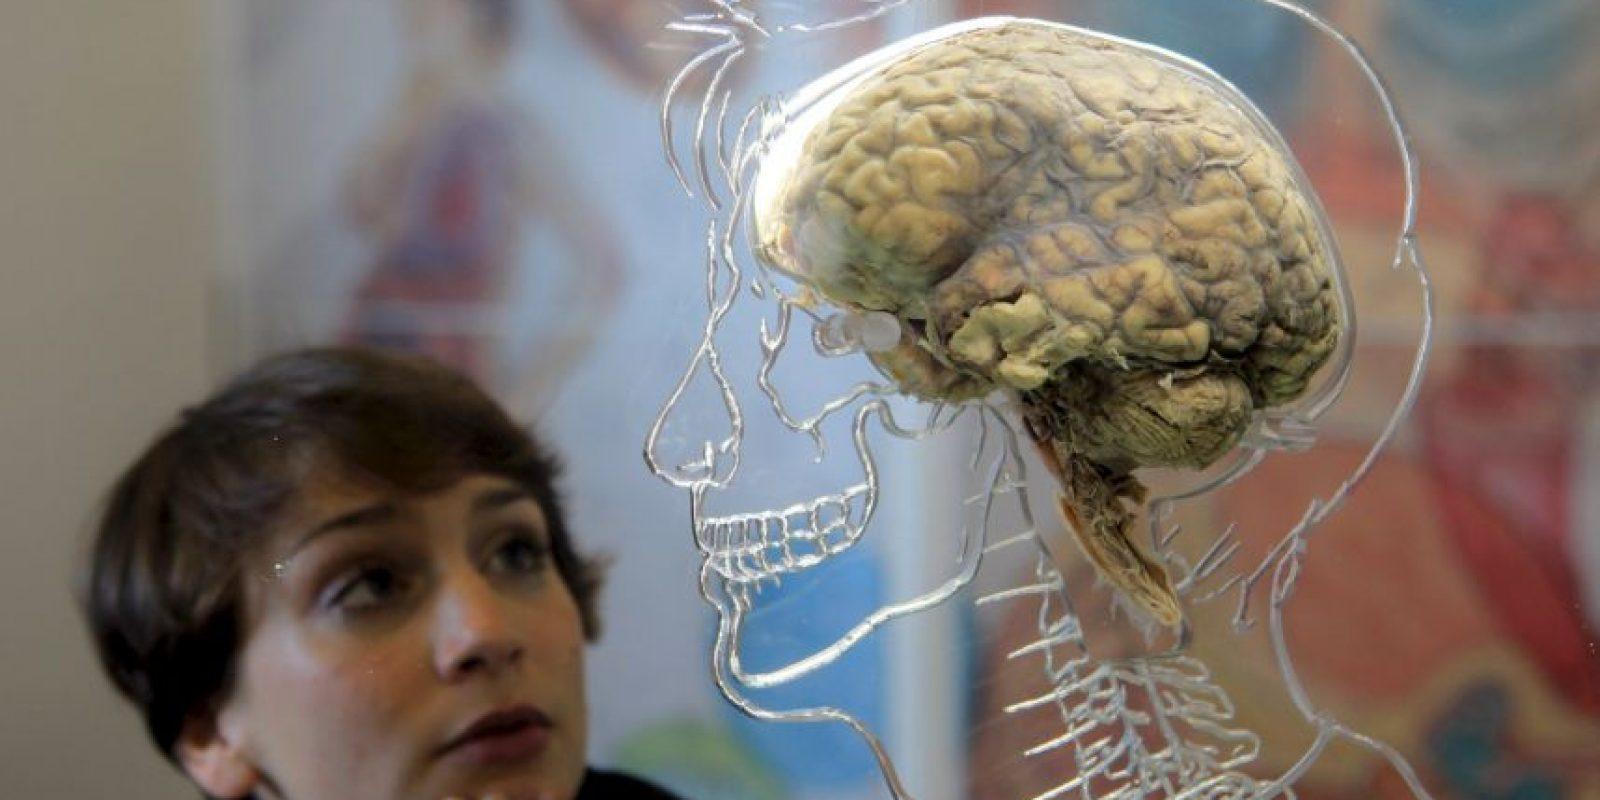 El segundo, llamado accidente cerebrovascular hemorrágico (derrame cerebral) es causado por la ruptura y sangrado de un vaso sanguíneo en el cerebro. Aproximadamente el 20% de todos los accidentes cerebrovasculares son hemorrágicos. Foto:Getty Images